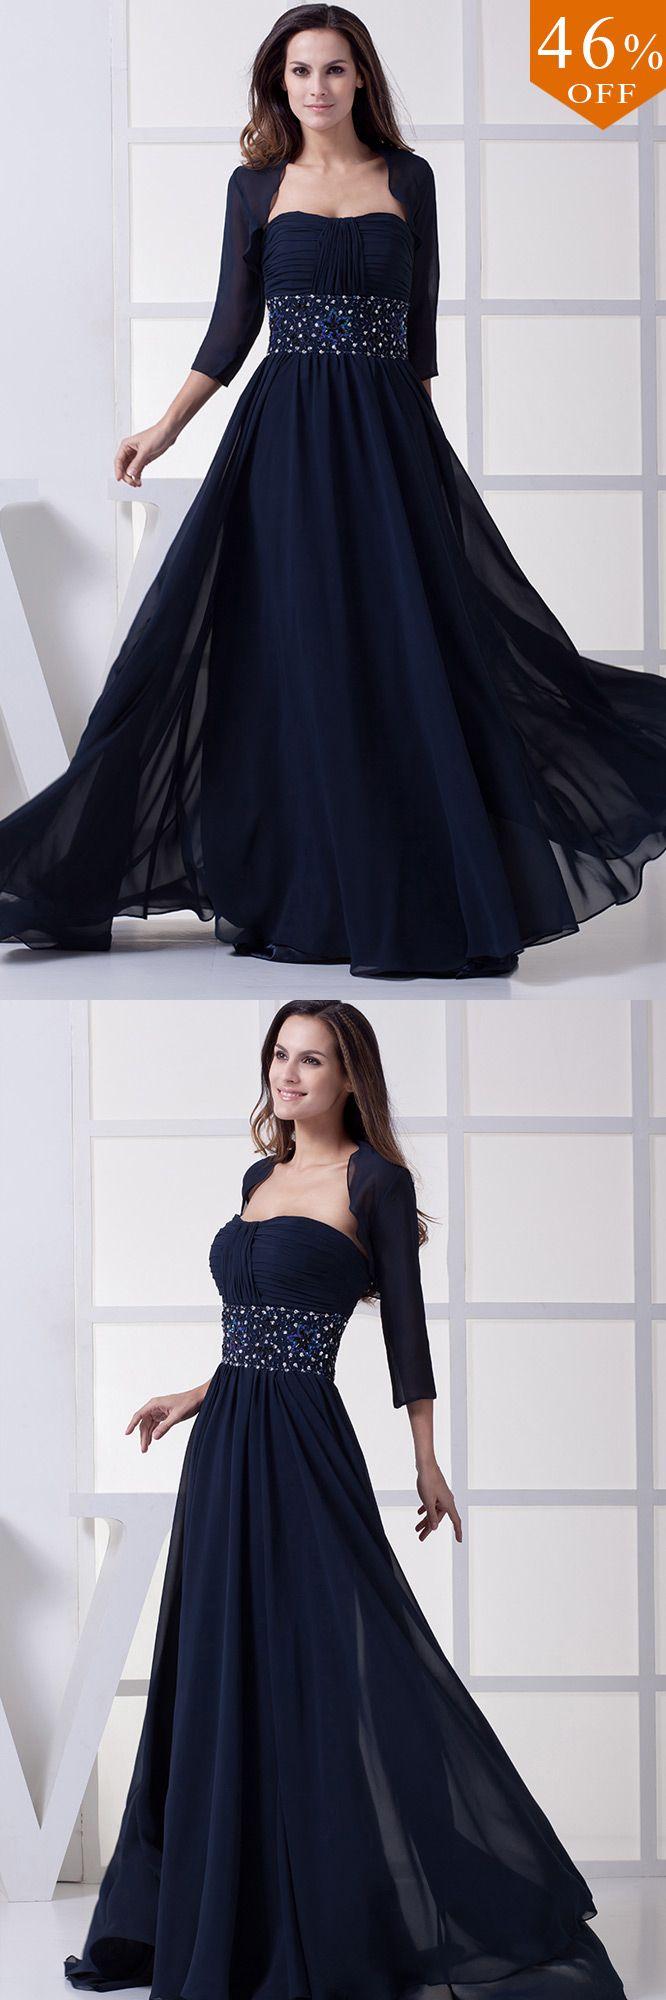 [$169.90] Navy Blue Elegant Mother of the Bride Dresses ...